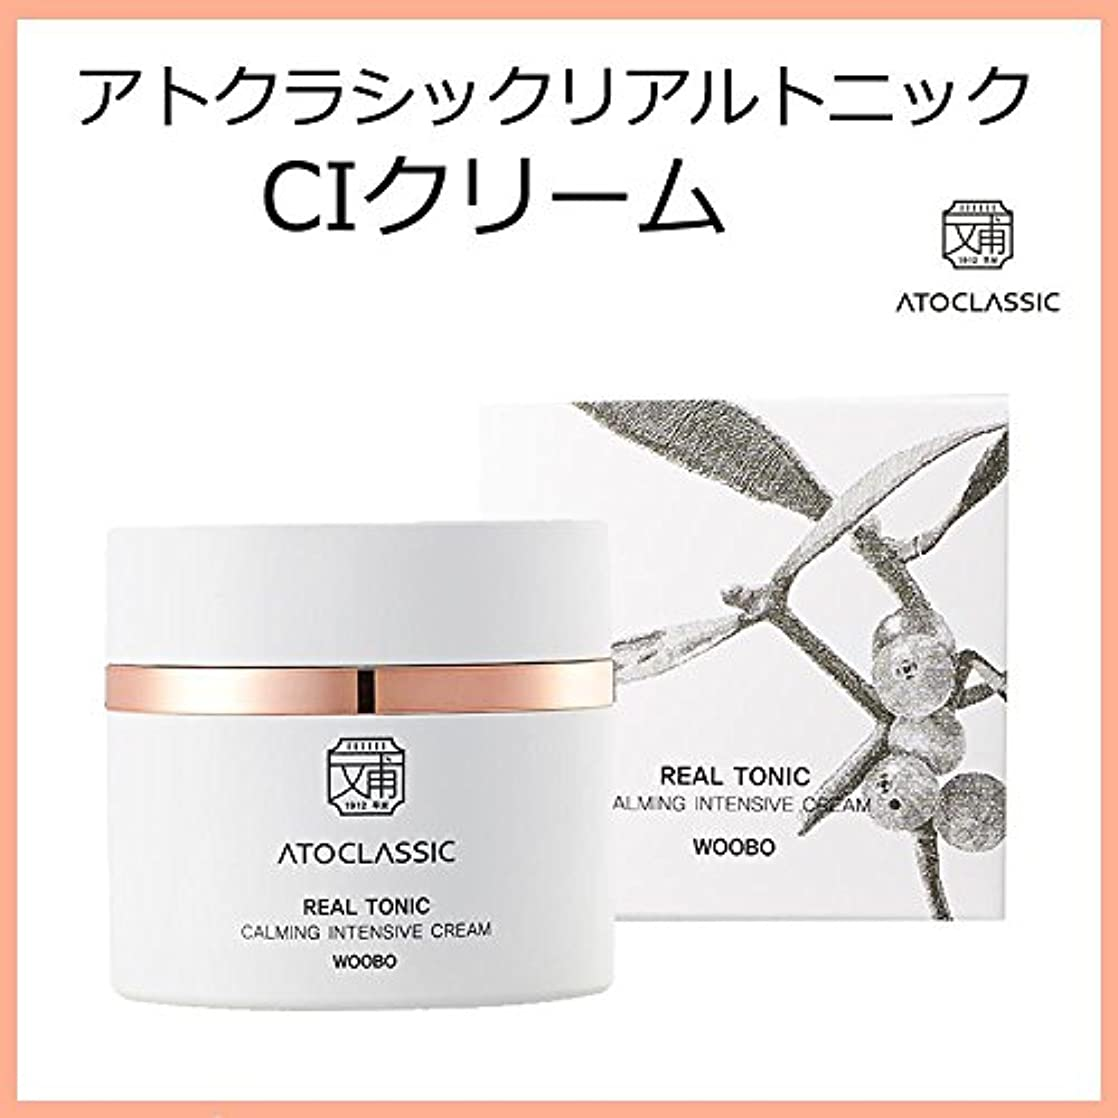 ハック別にチャーミング韓国コスメ ATOCLASSIC アトクラシックリアルトニック CIクリーム(Calming Intensive Cream) 50ml